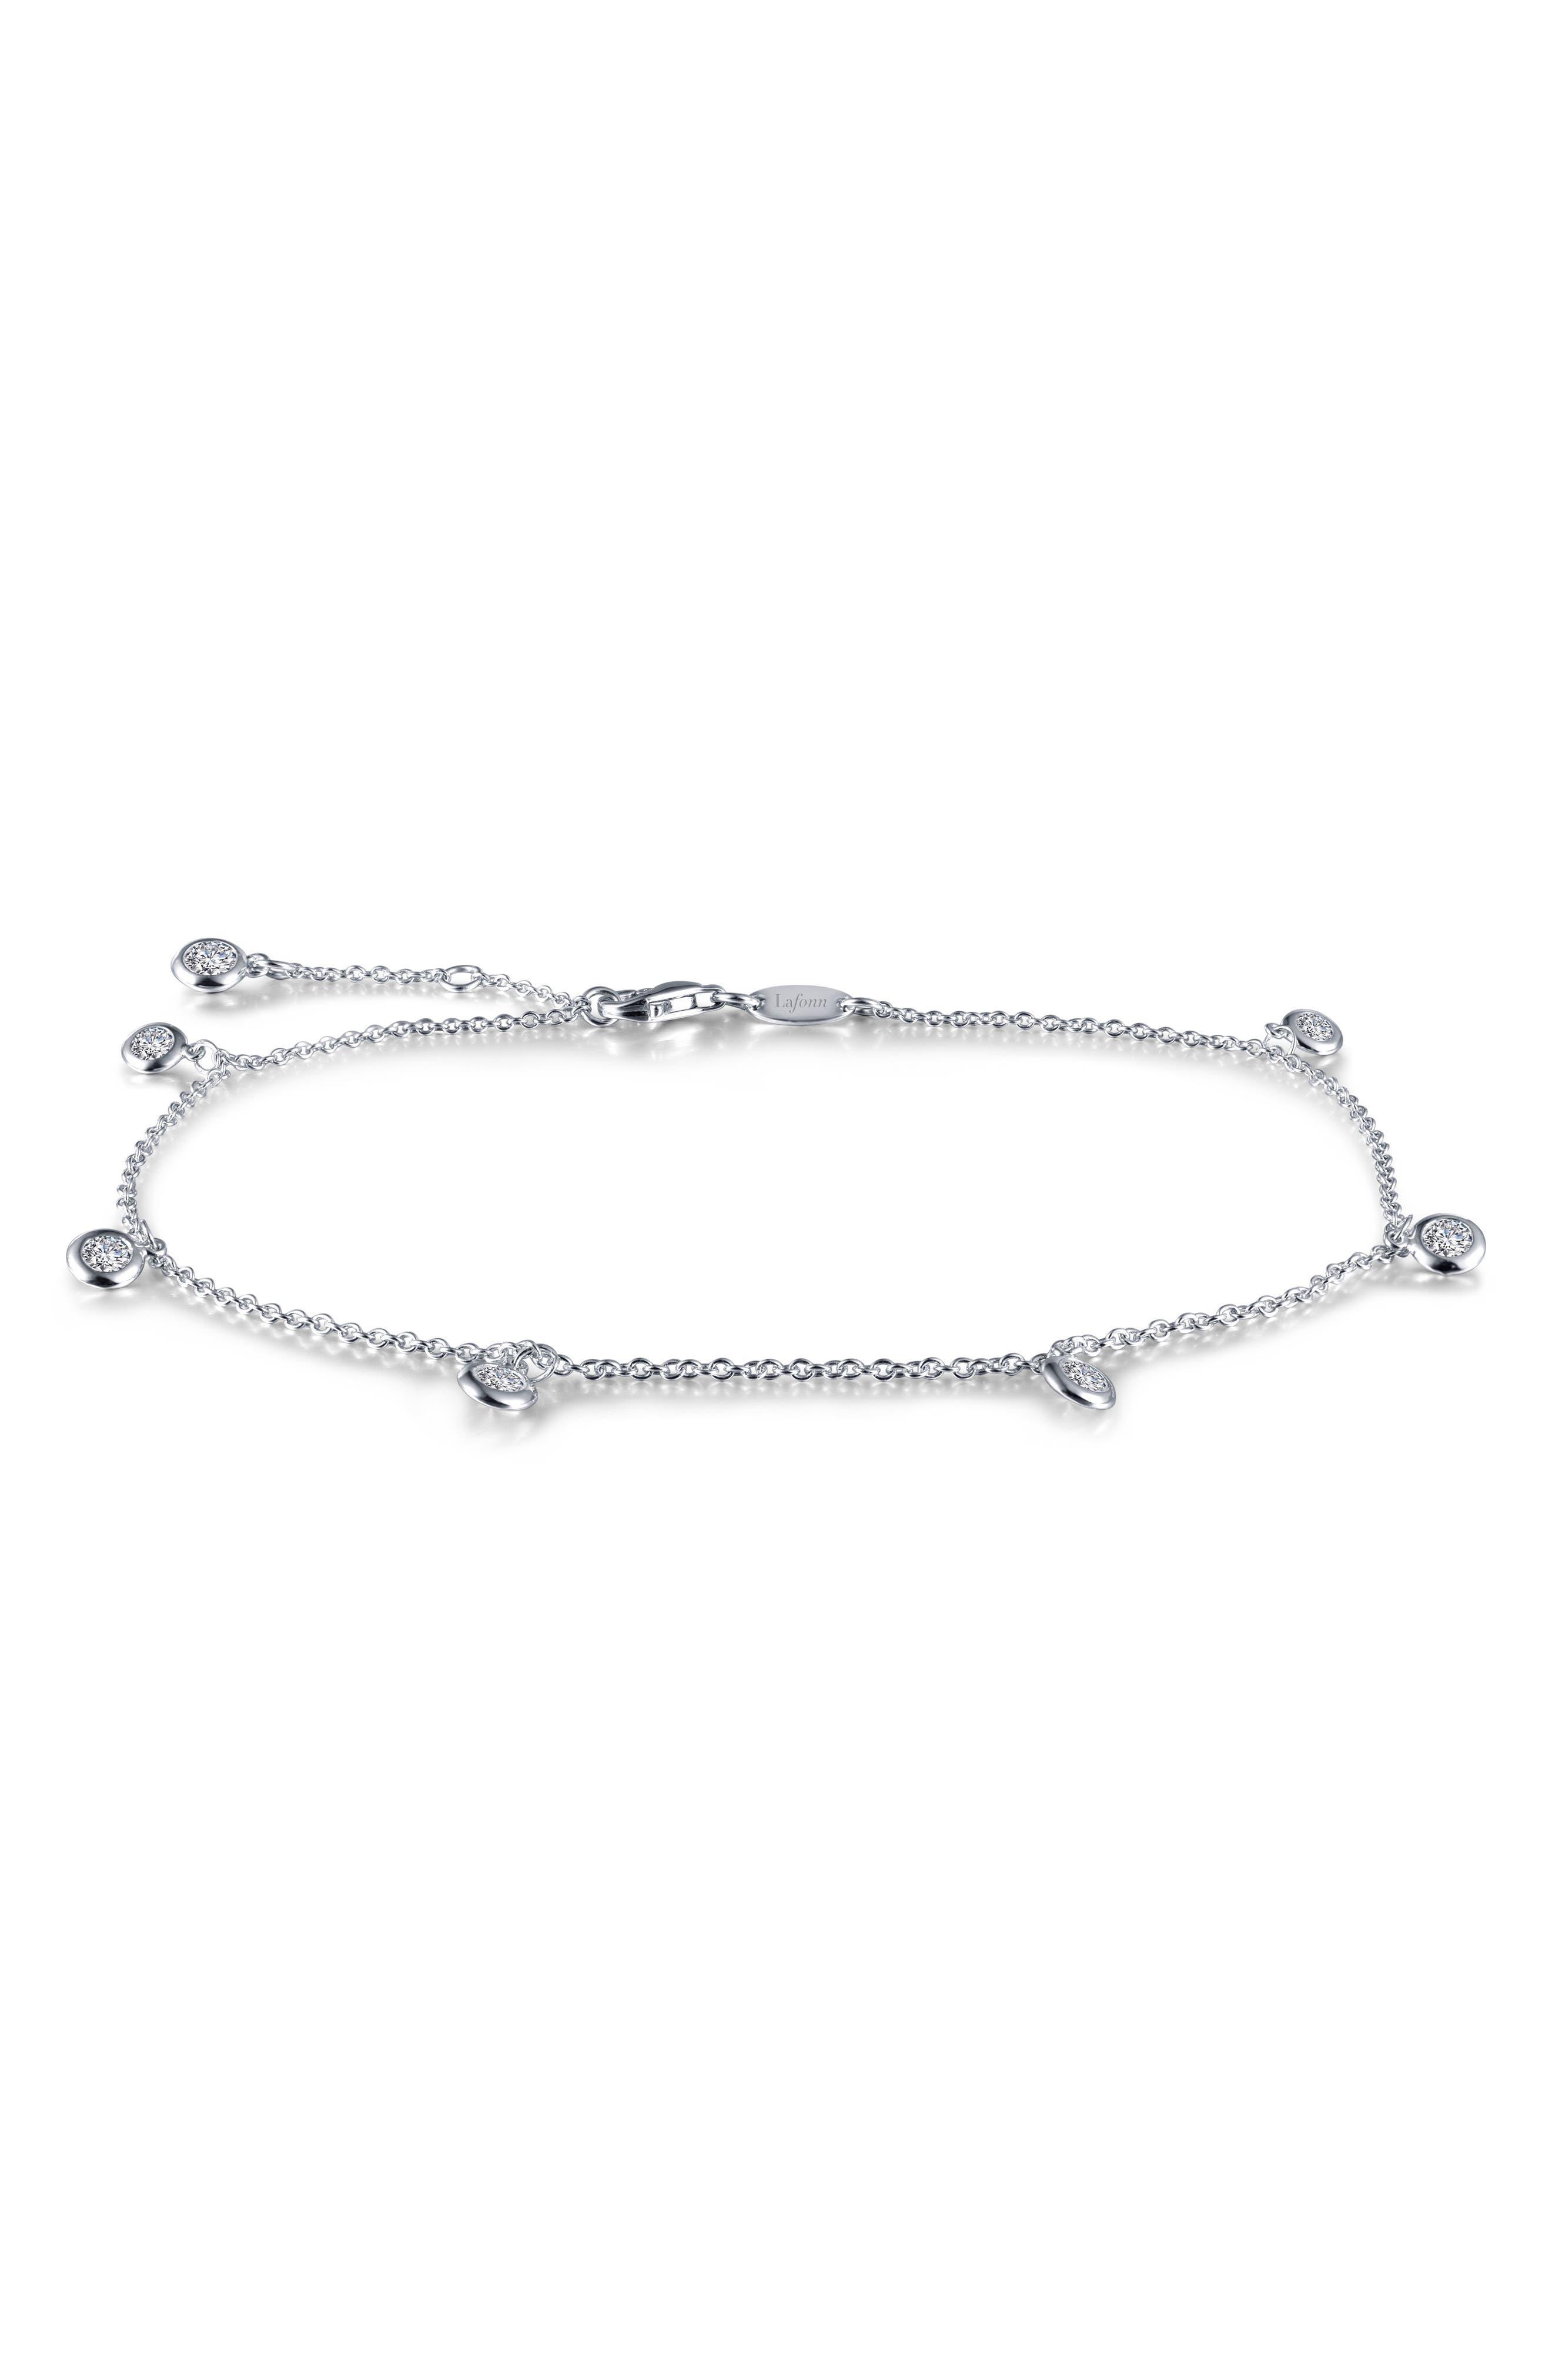 Lafonn Dangling Simulated Diamond Bracelet